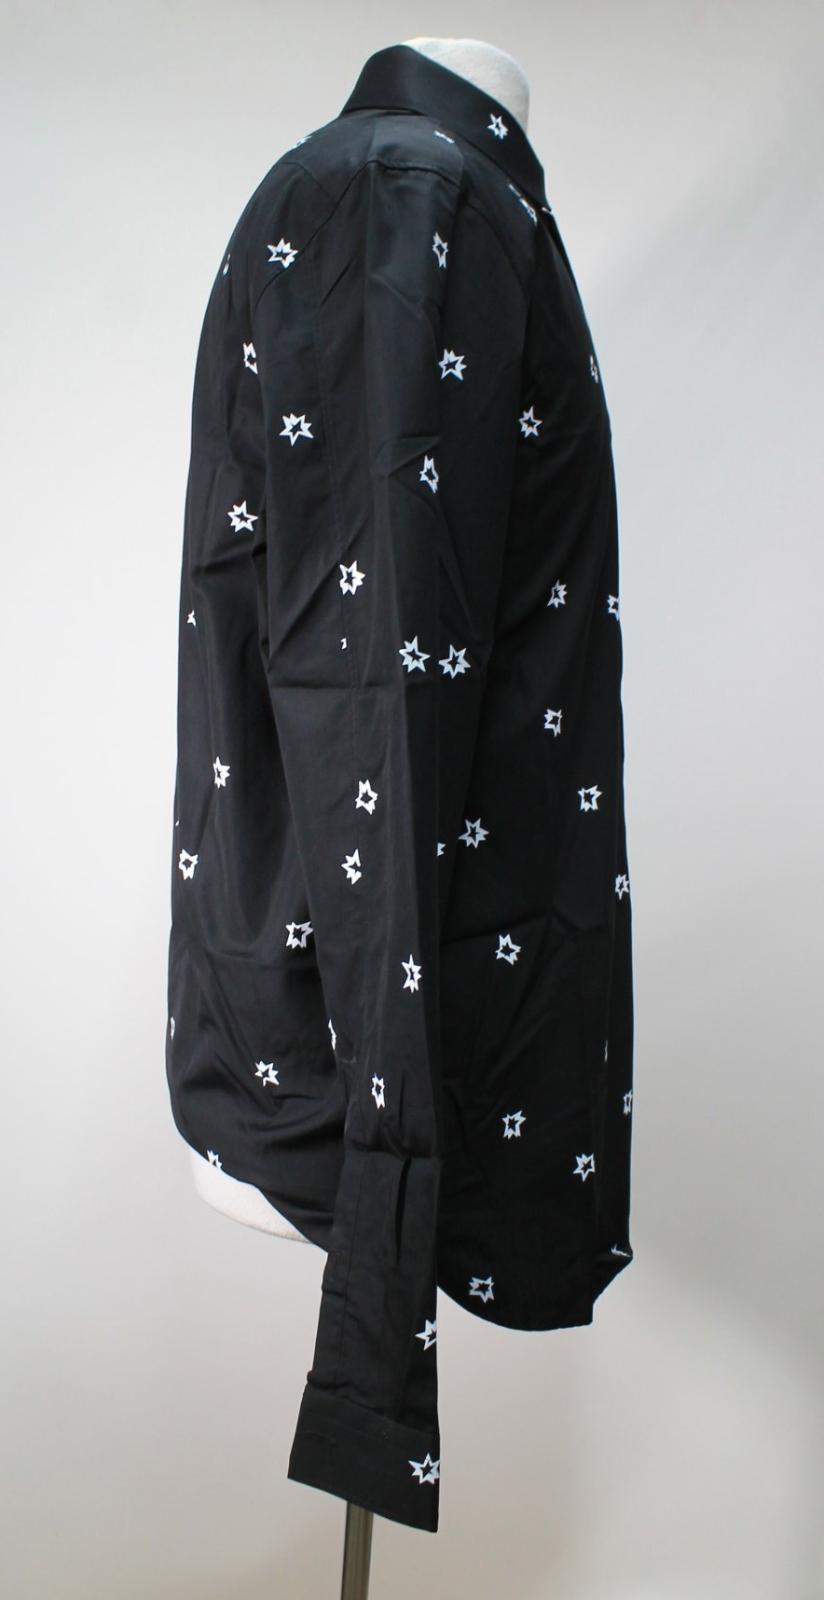 Neil-Barrett-Hombre-Negro-Algodon-Estampado-de-Estrellas-Calce-Ajustado-Camisa-Con-Cuello-16-5-034 miniatura 5